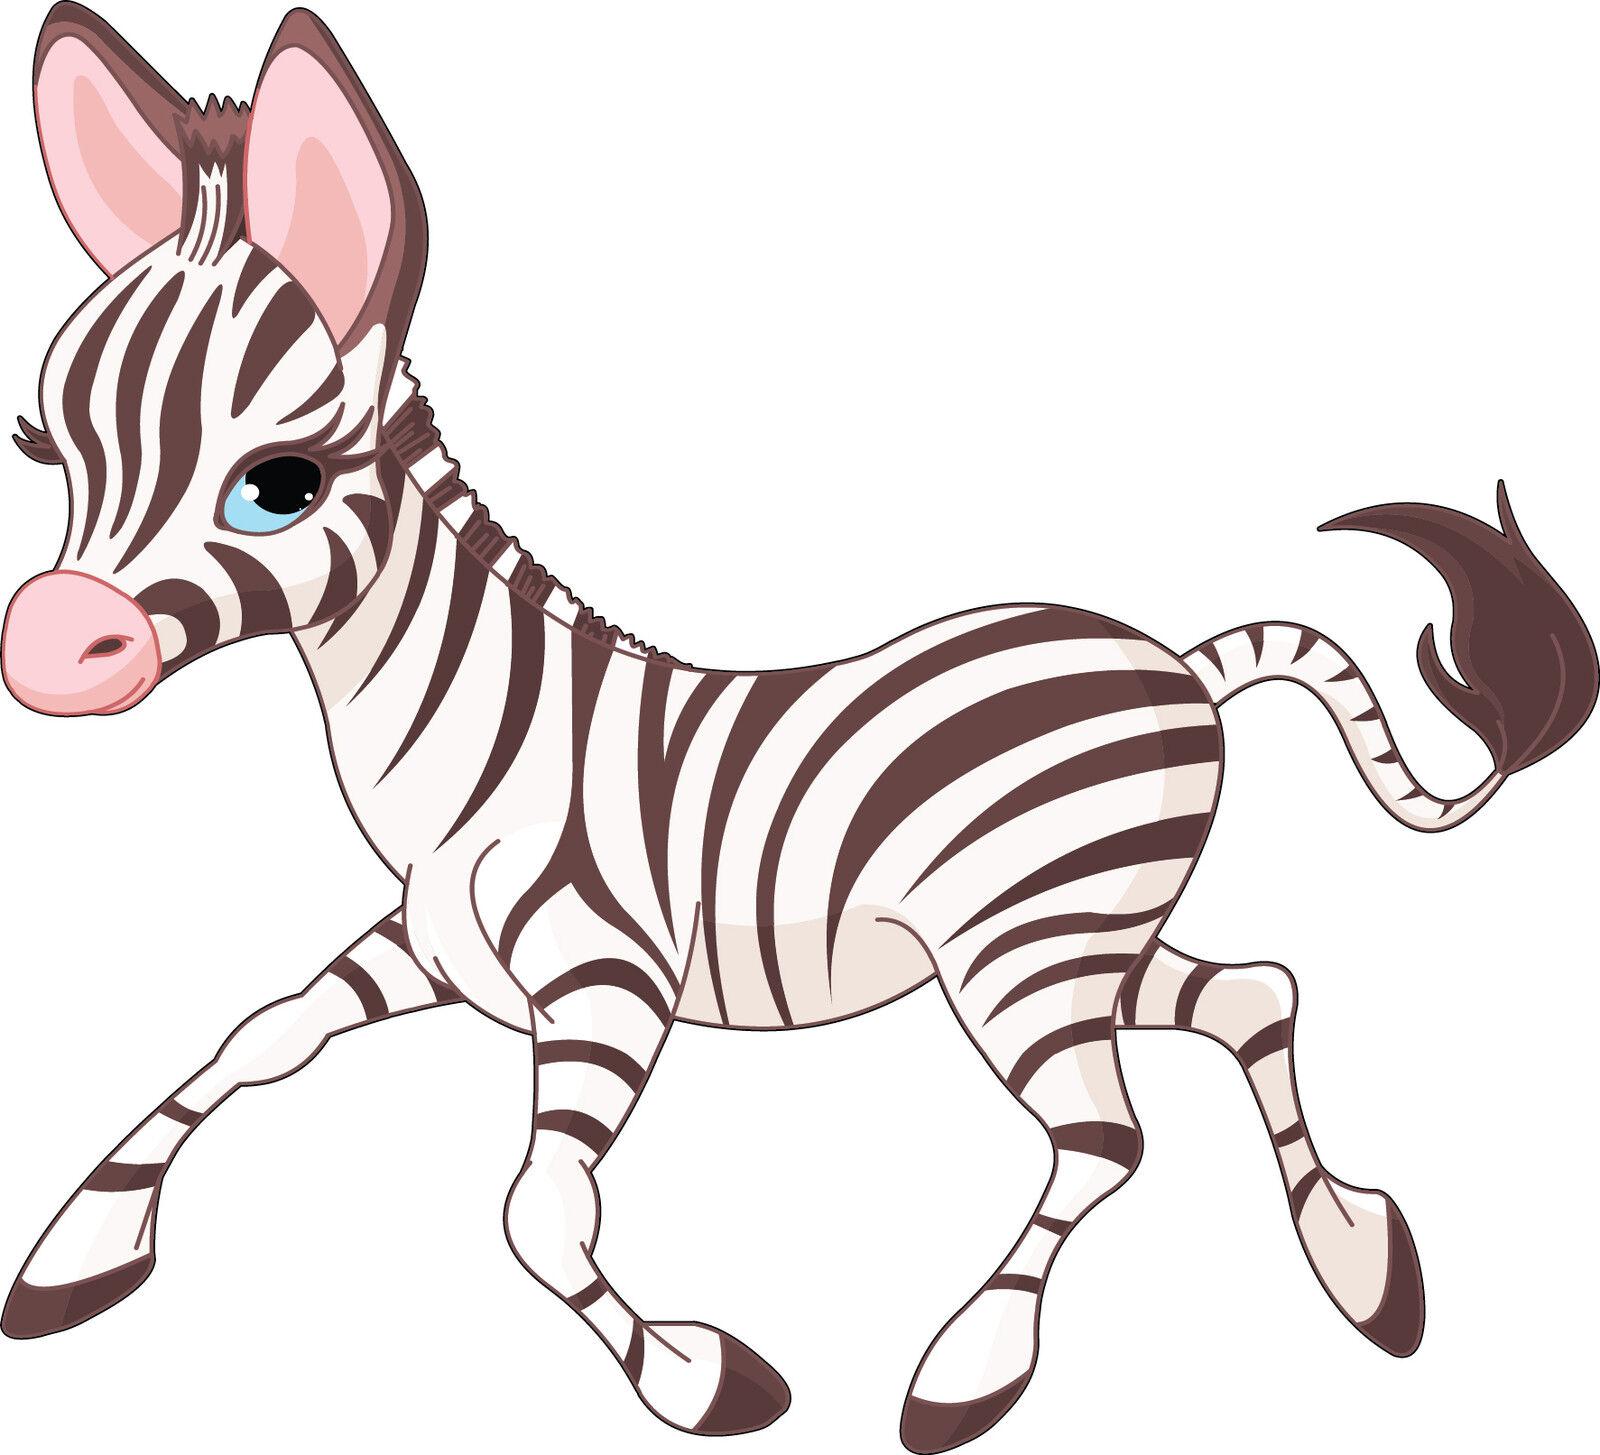 Adesivi murale bambino Zebra Zebra Zebra ref 3546 (Dimensioni da 10 cm a 130cm di larghezza) c1e978